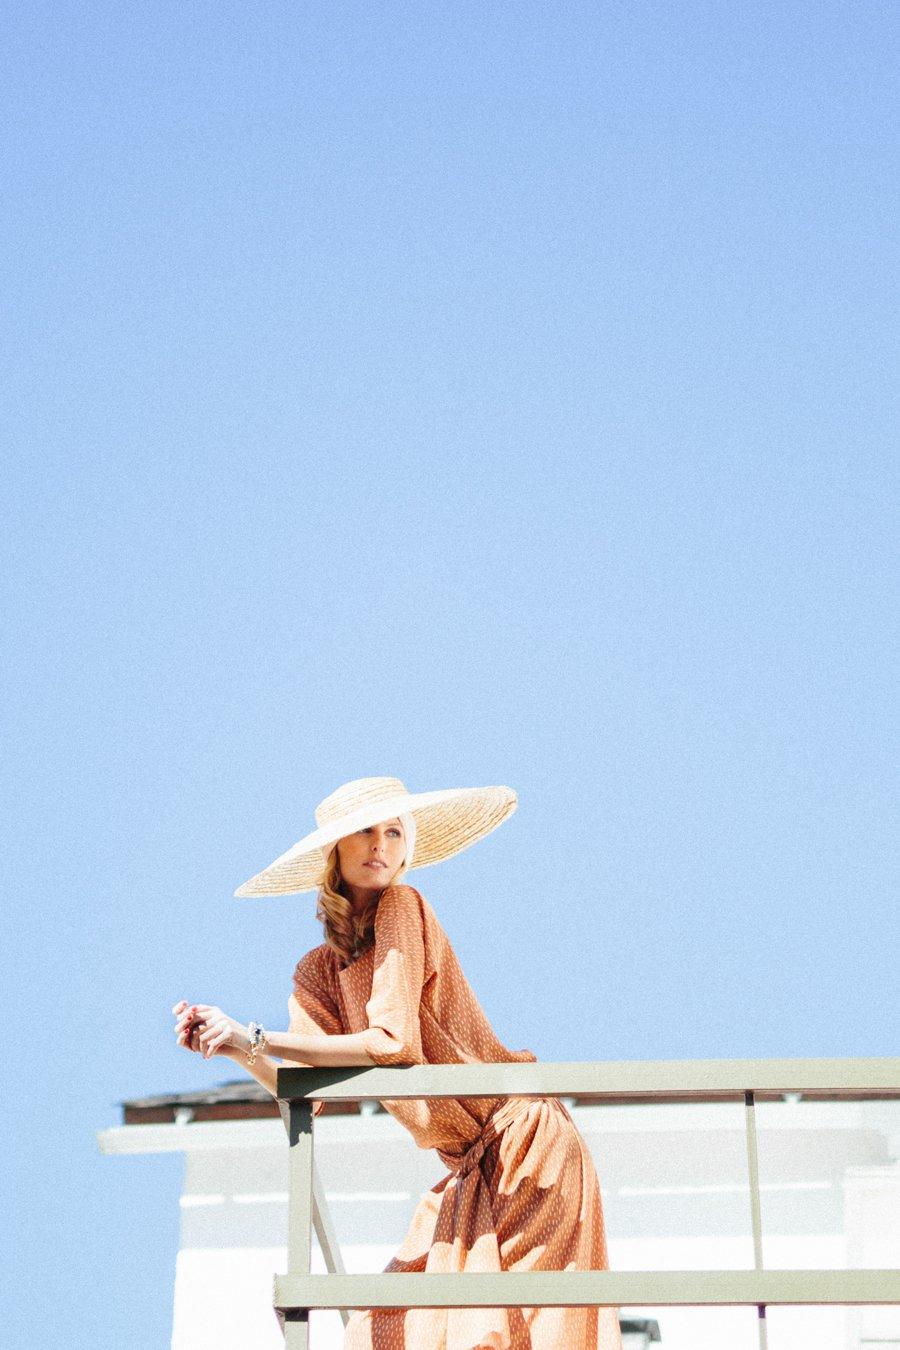 El verano de Rita Von-11529-misscavallier